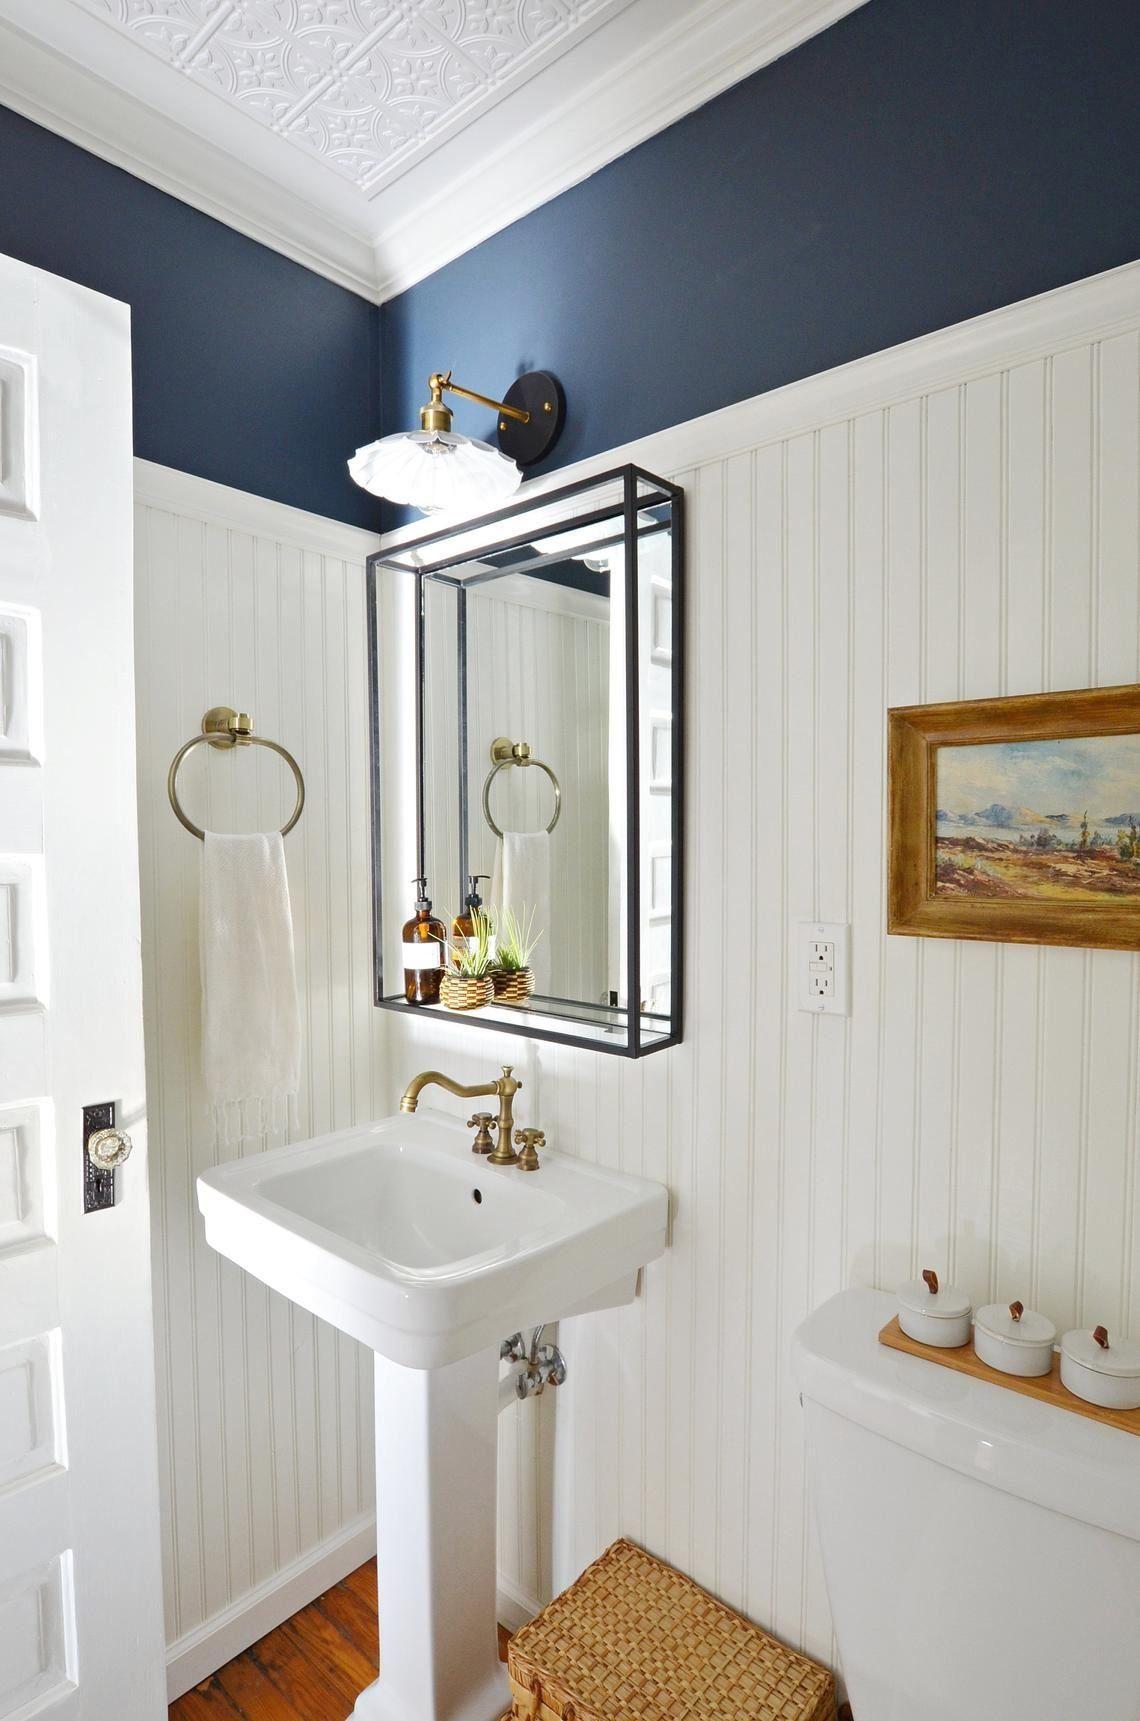 Bathroom shelf mirror modern industrial black steel metal